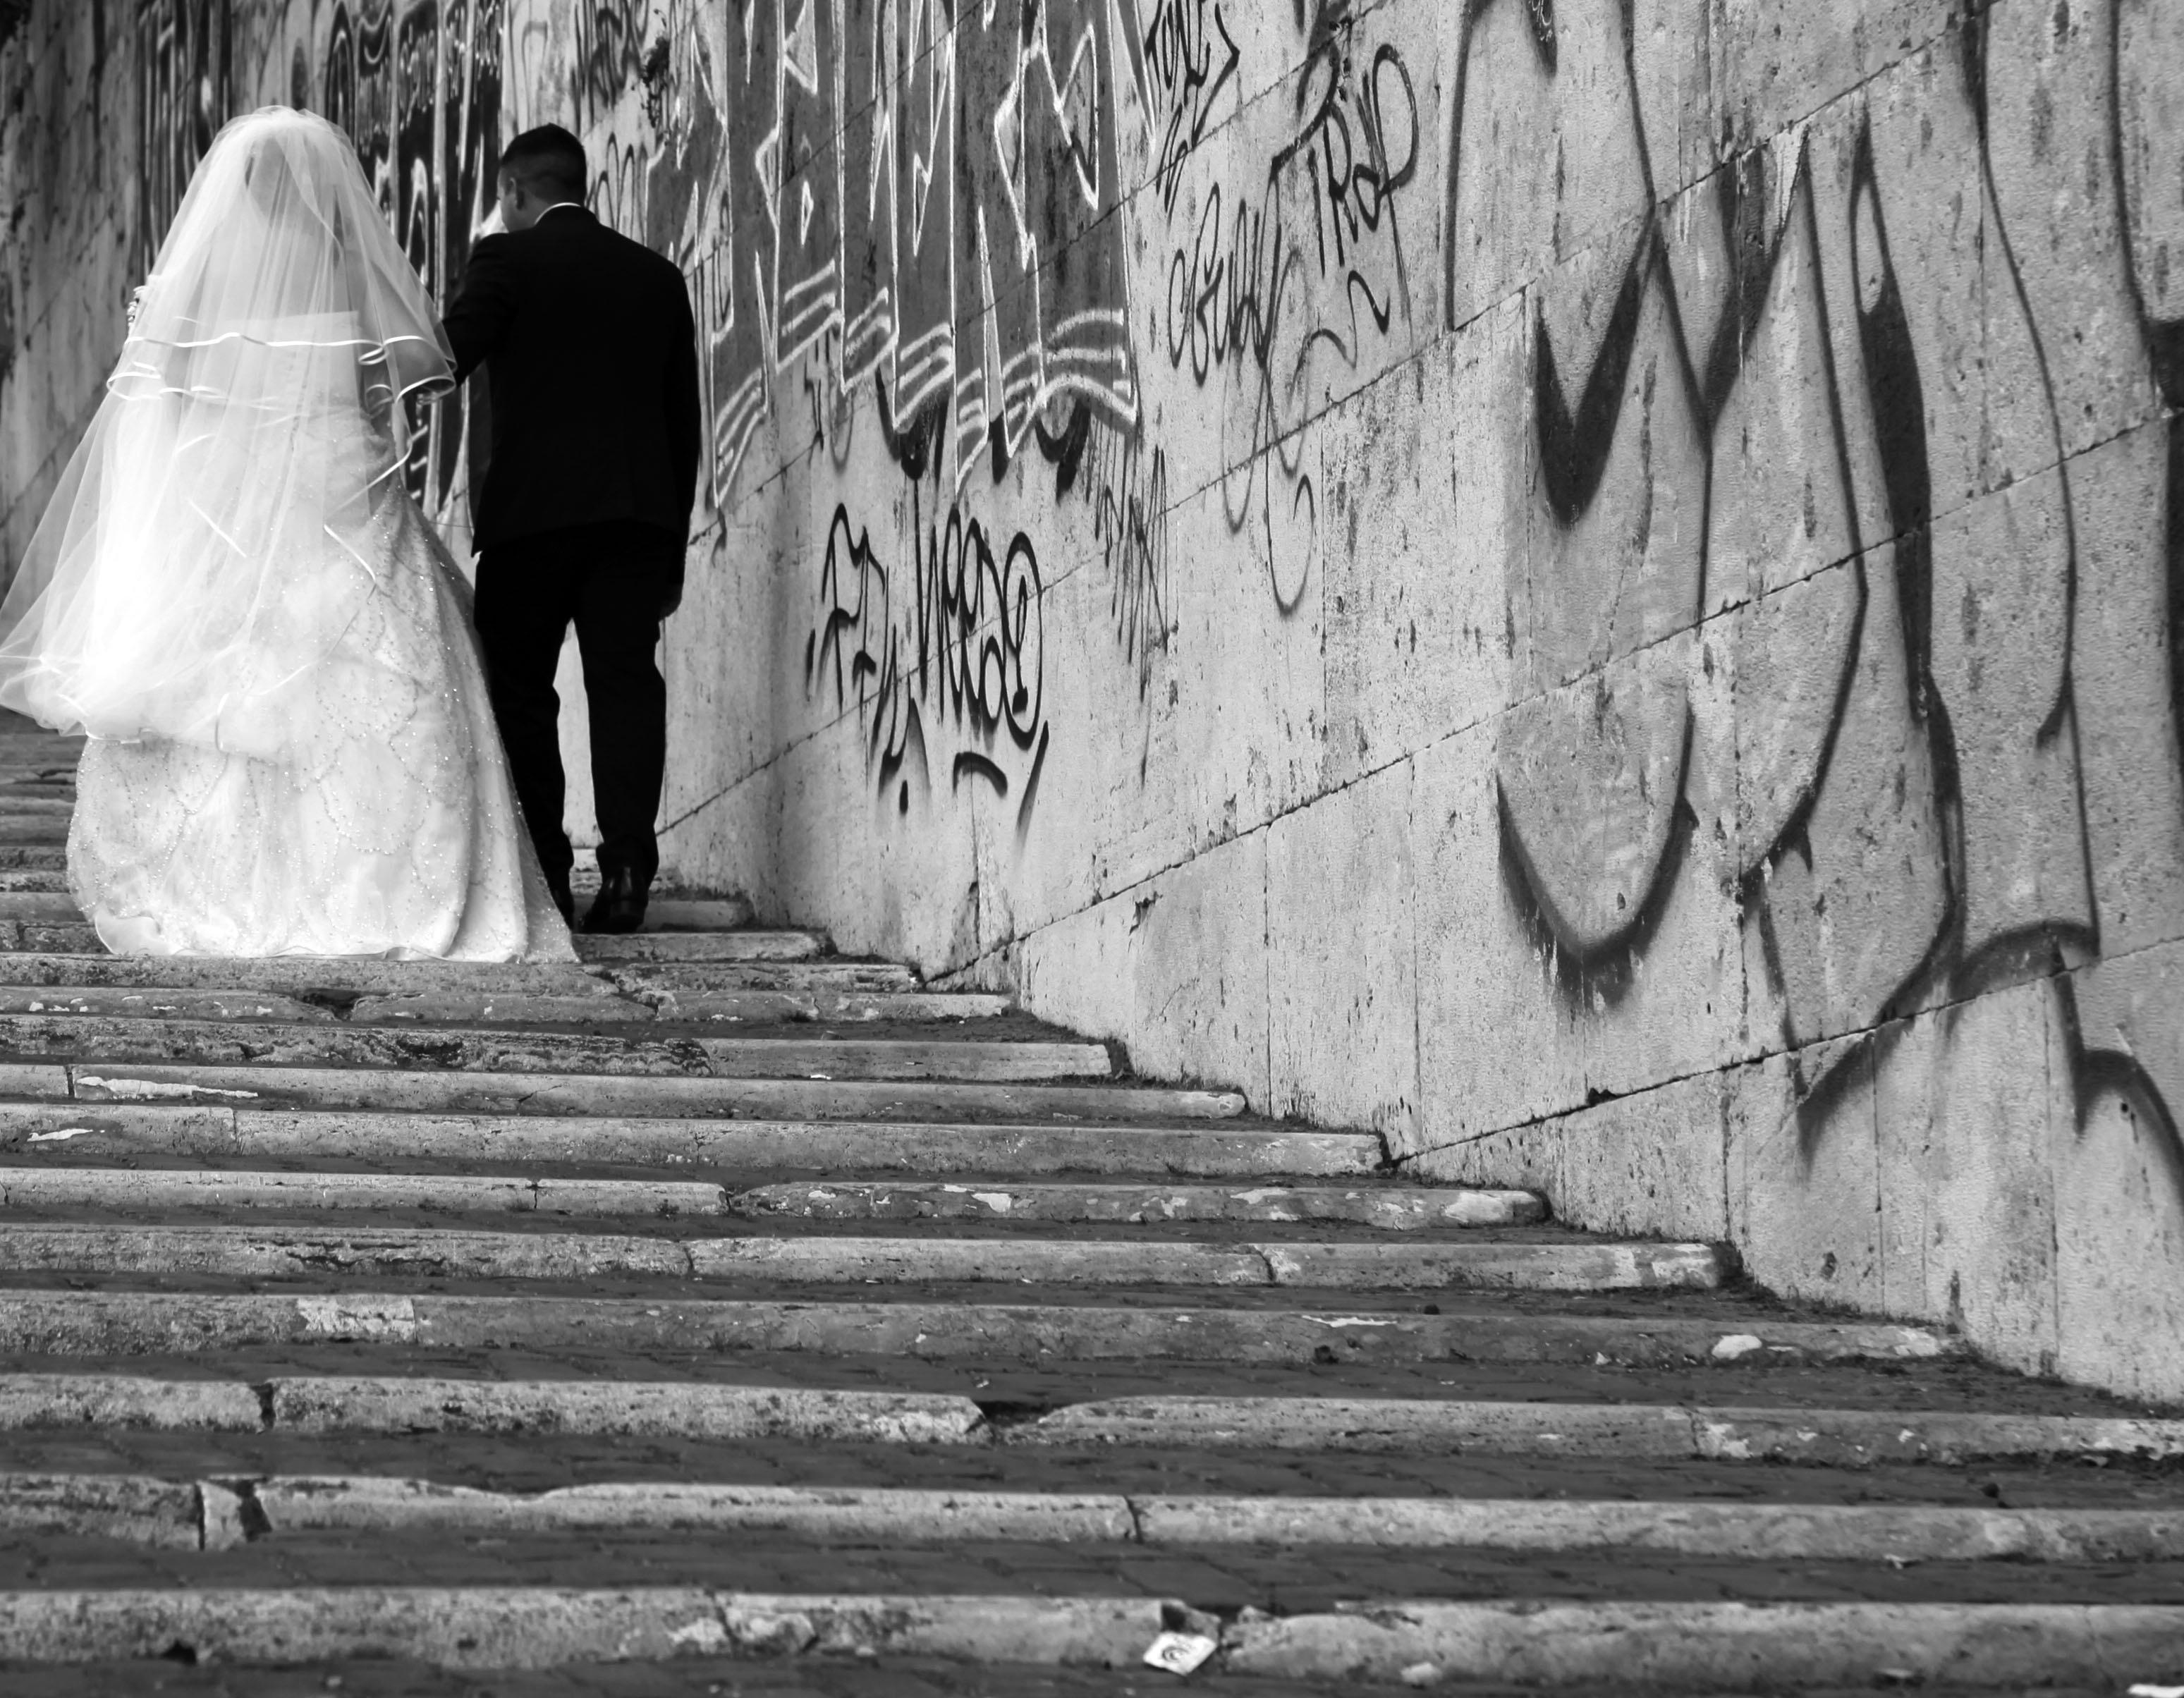 Très Images Gratuites : noir et blanc, rue, la photographie, mur, amour  CQ74